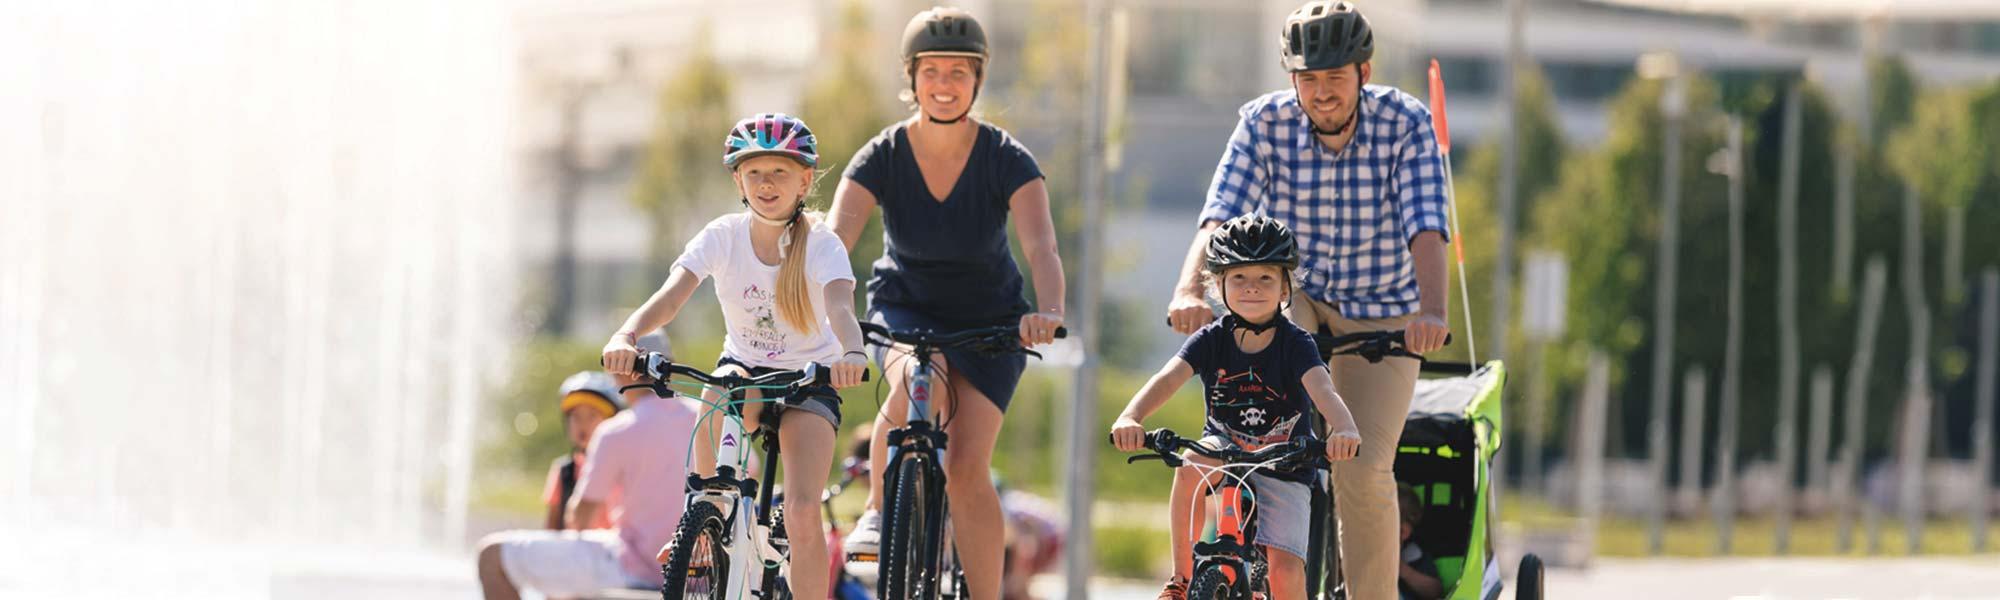 Kids Bikes Buying Guide